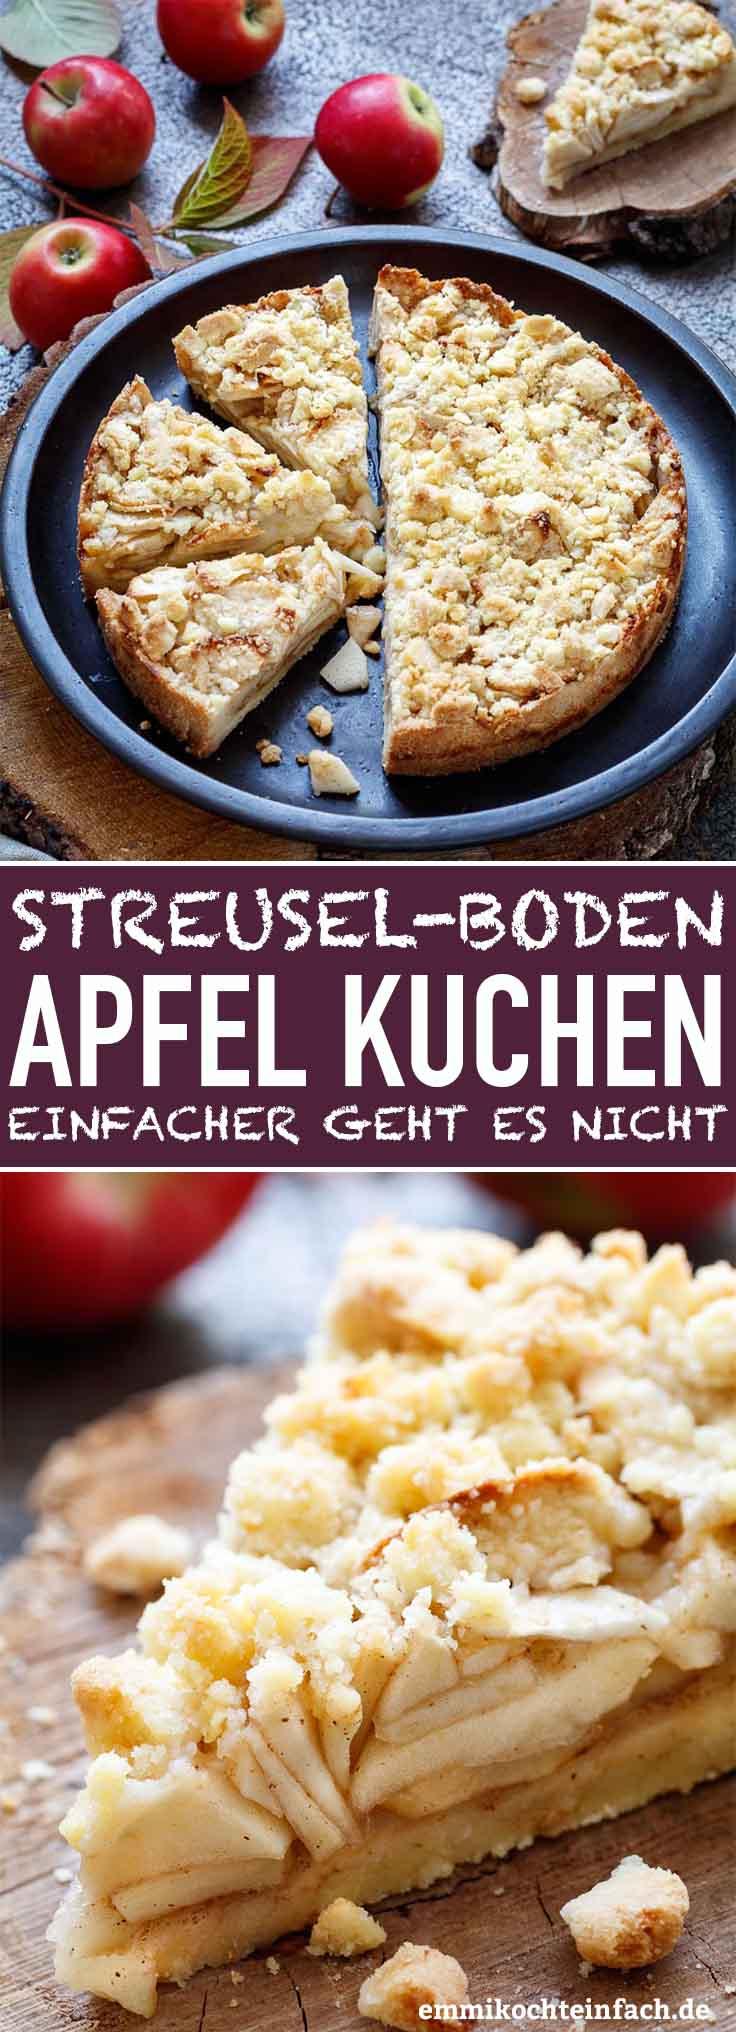 Streuselboden-Kuchen mit Apfel - www.emmikochteinfach.de